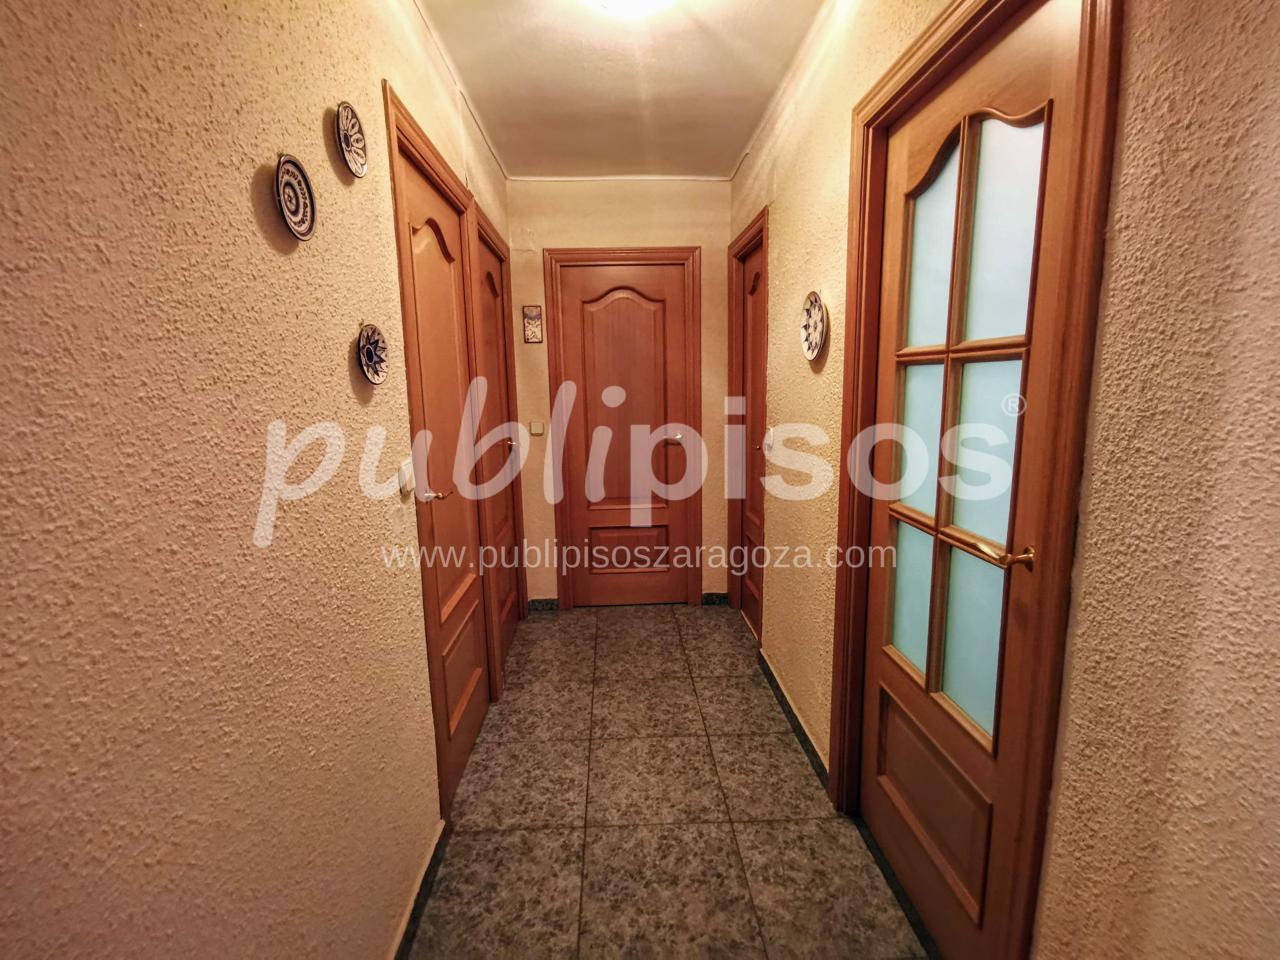 Venta piso OCASION junto Plaza Mozart y Avda Cataluña-5